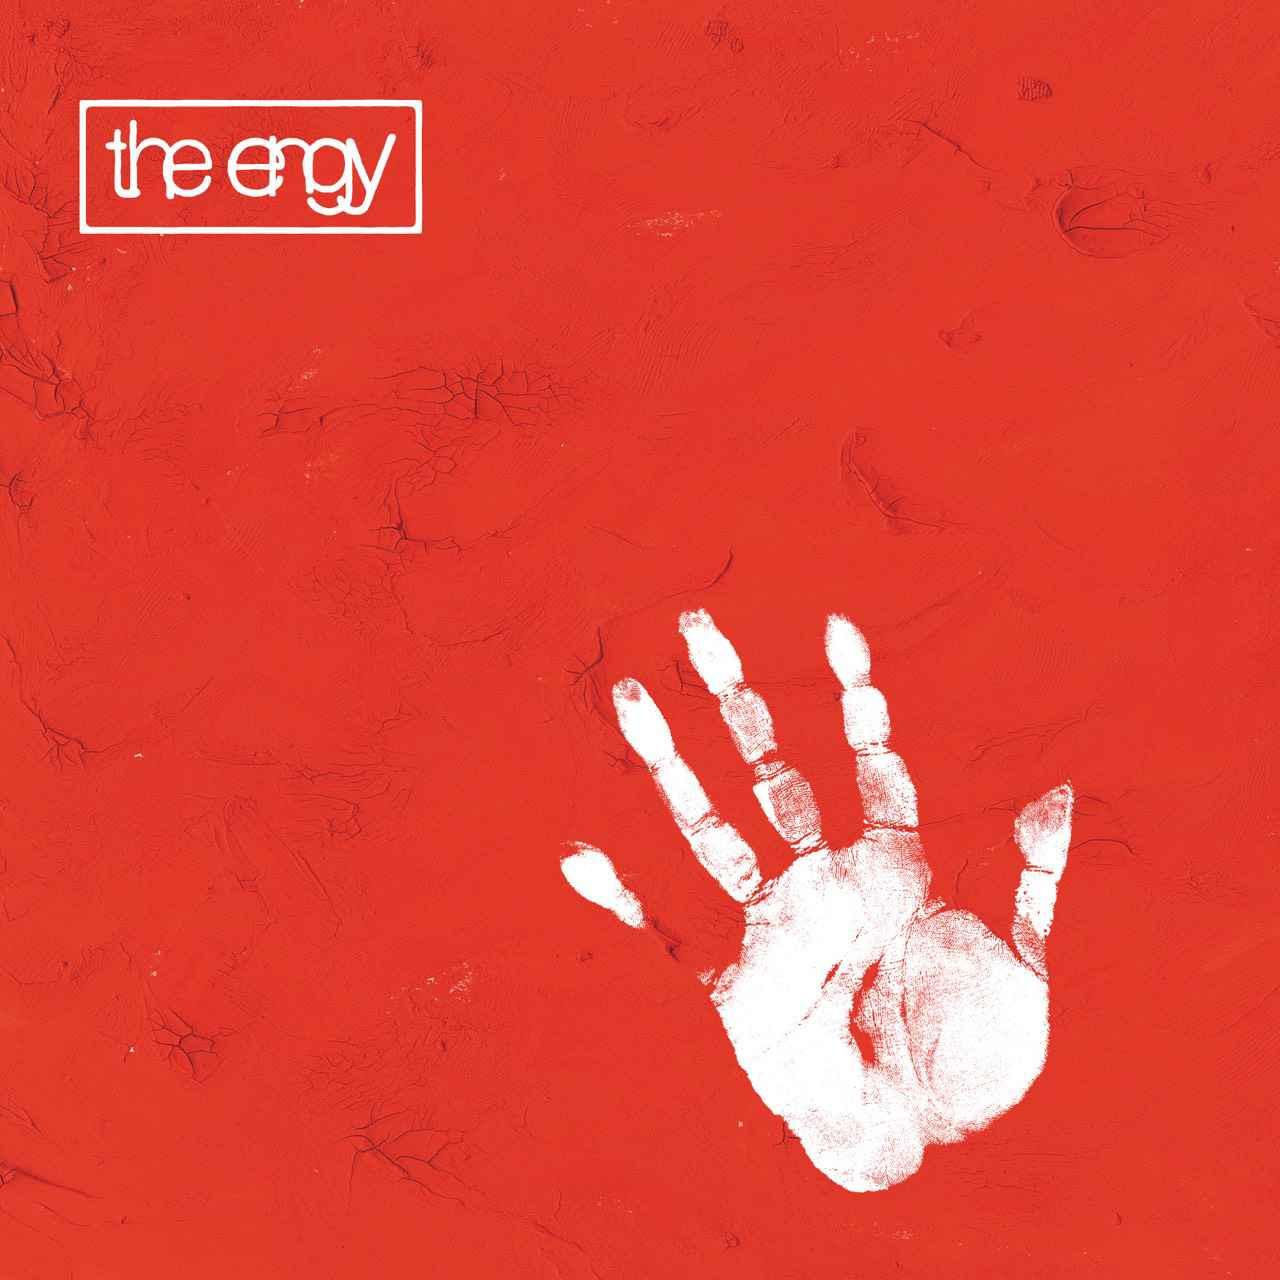 画像: Home - the engy